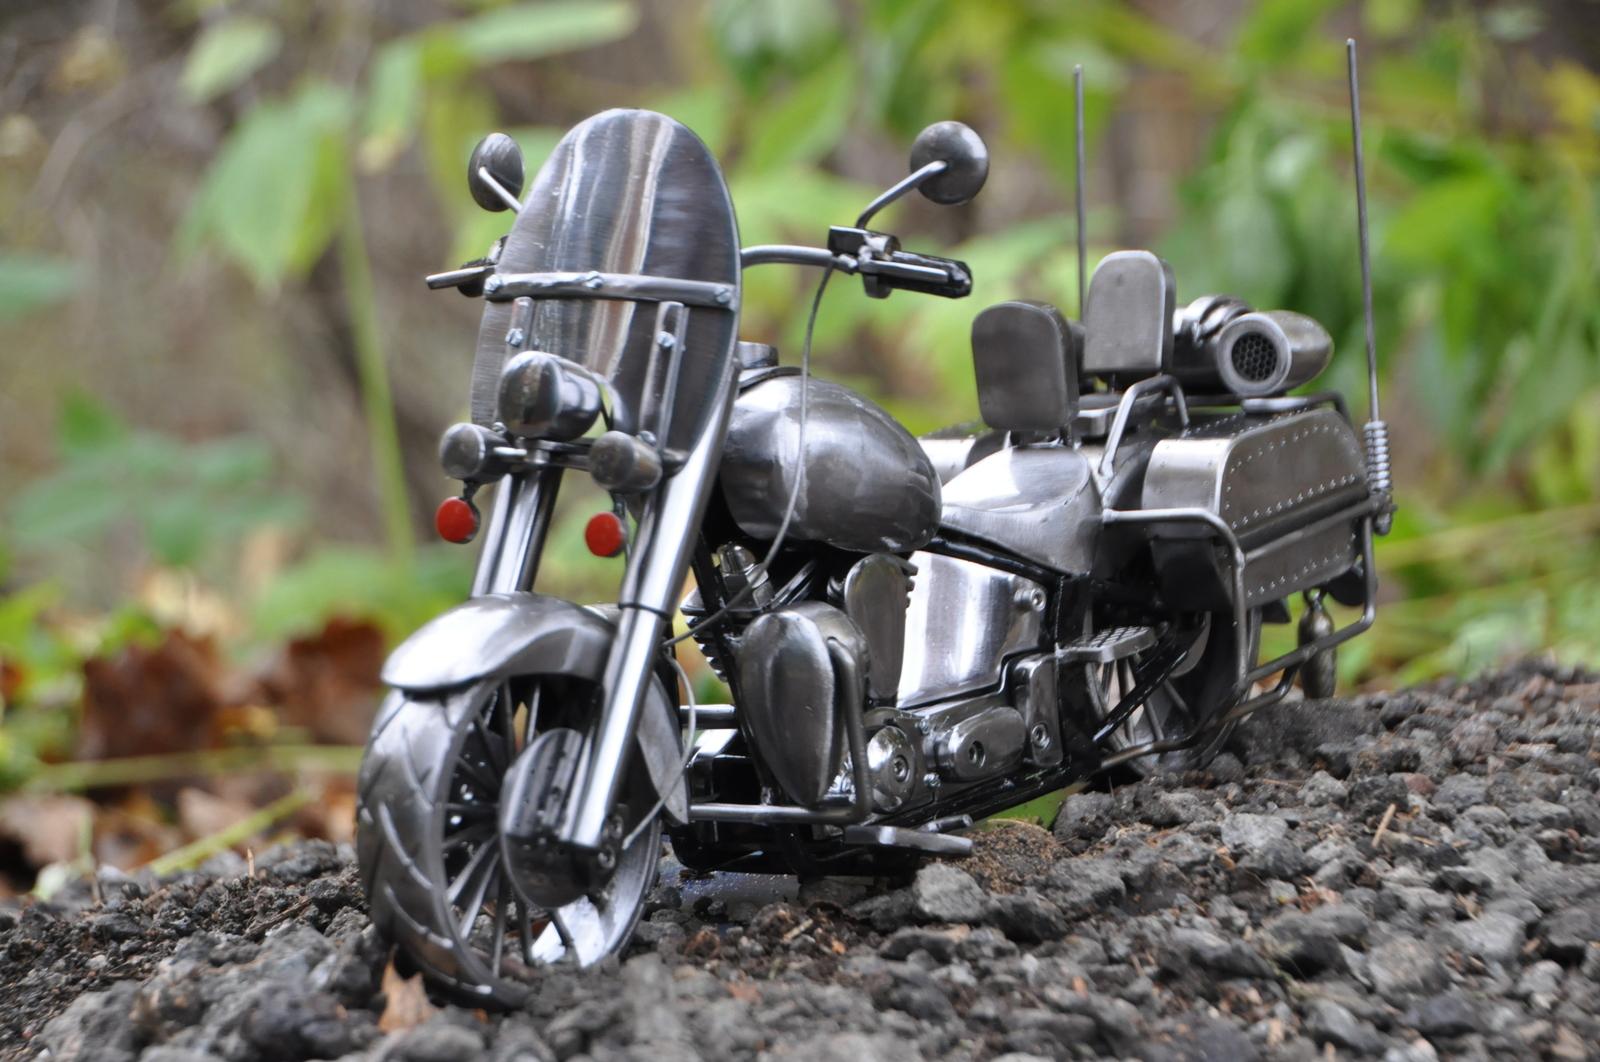 Модель мотоцикла Yamaha XVS 1100 Drag Star